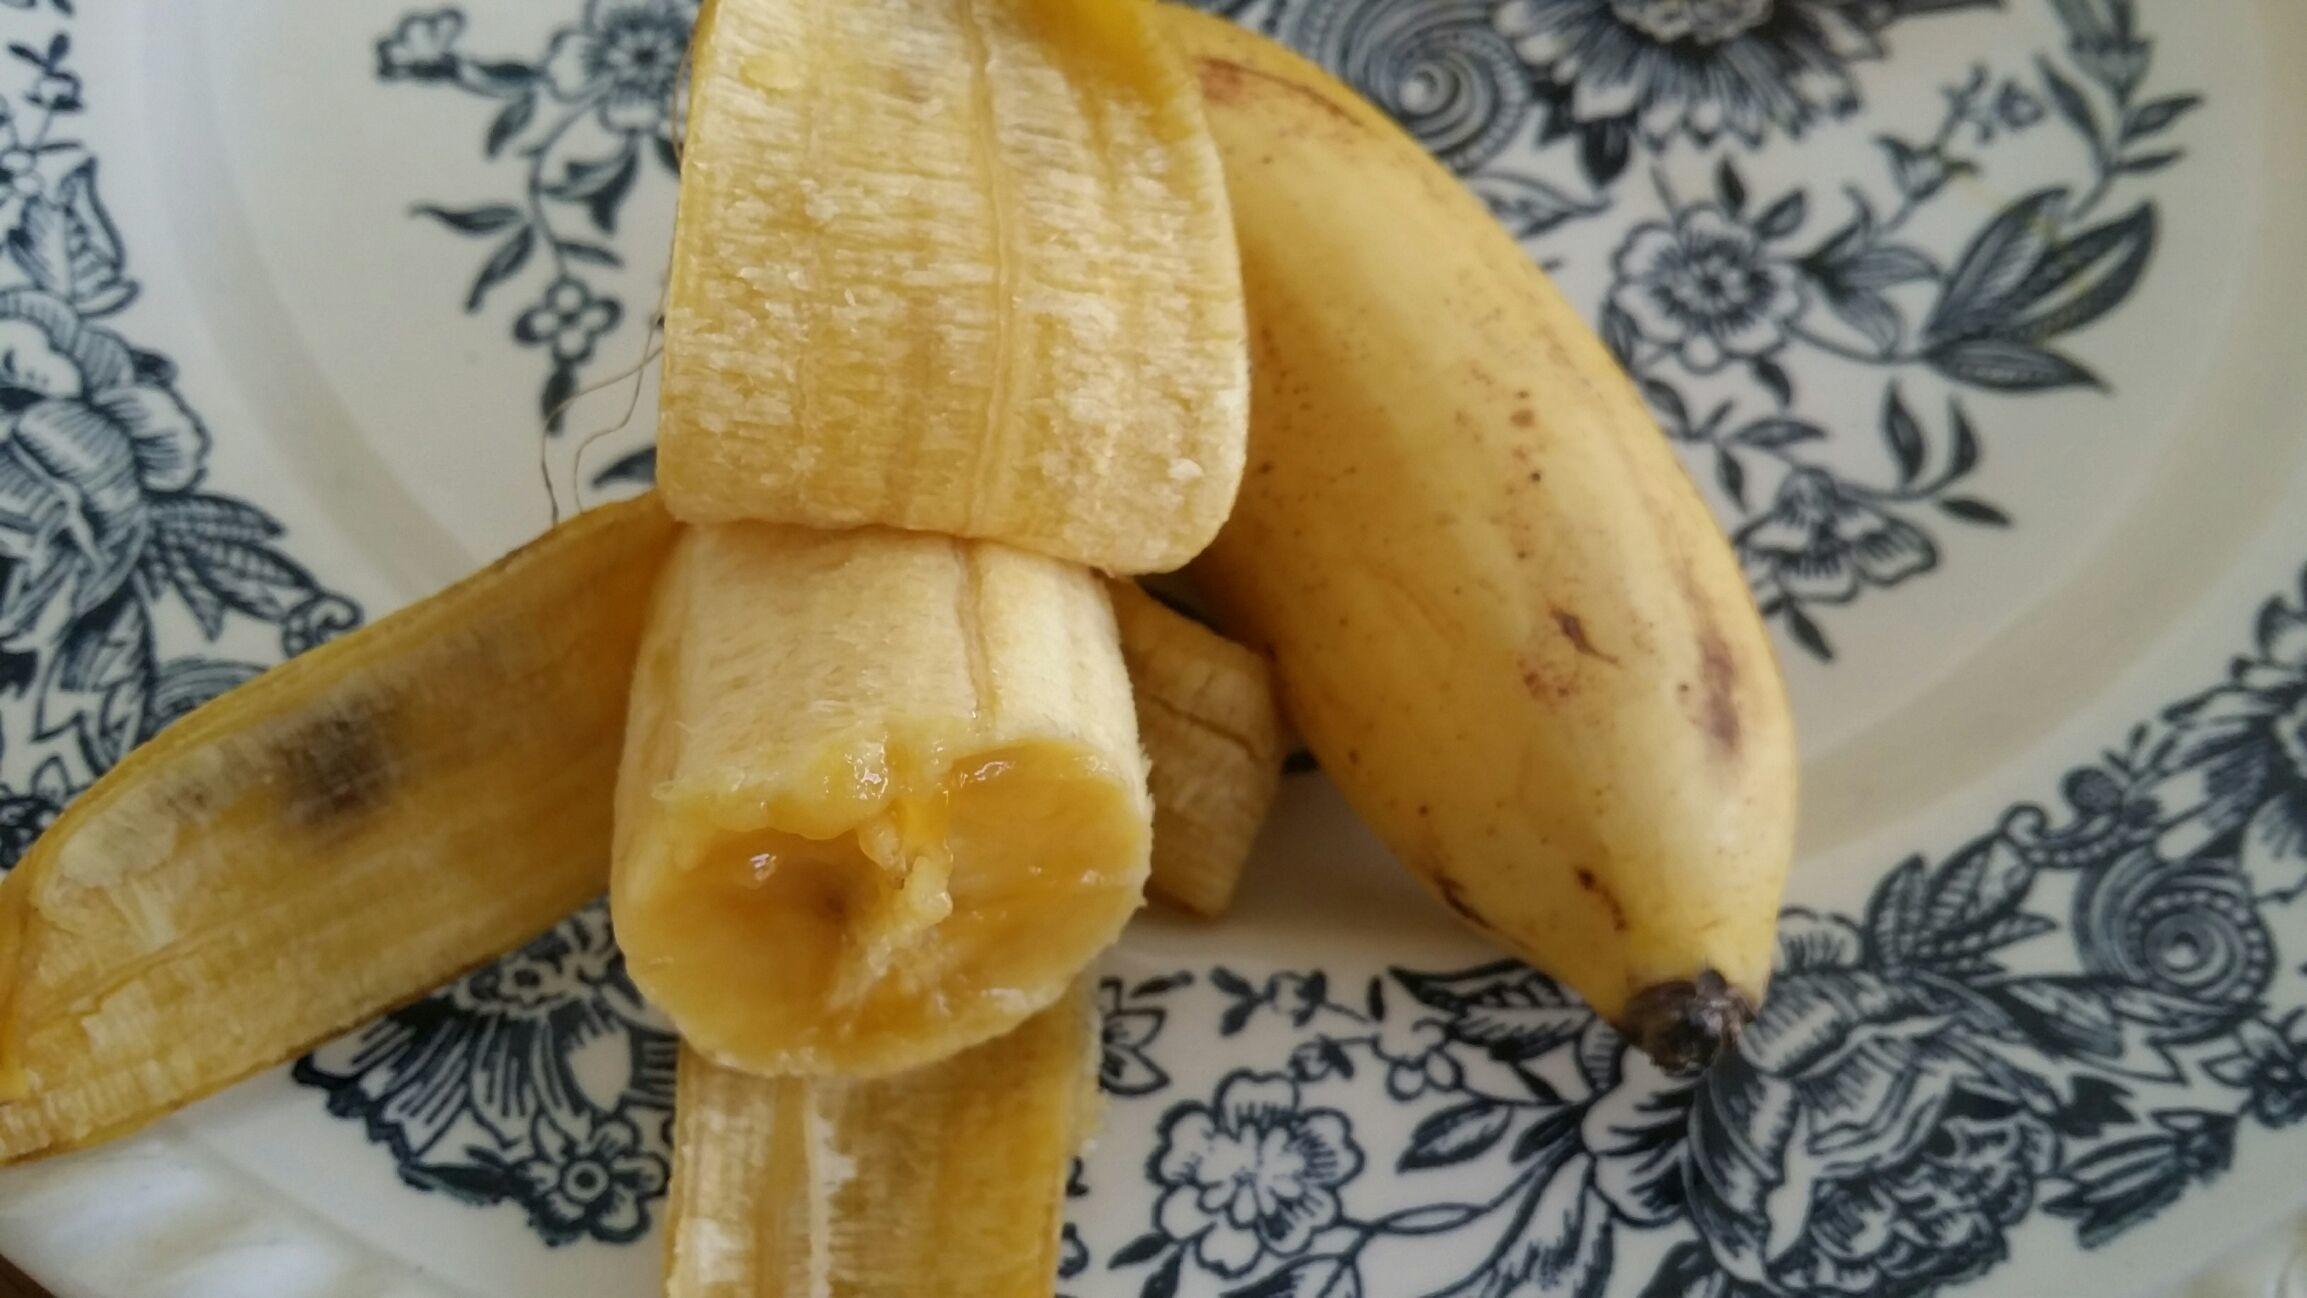 Van de centrale markt, 40 pikien miss vinga banaantjes, kleine meisjes vingers, 5 SRD voor 40 banaantjes.